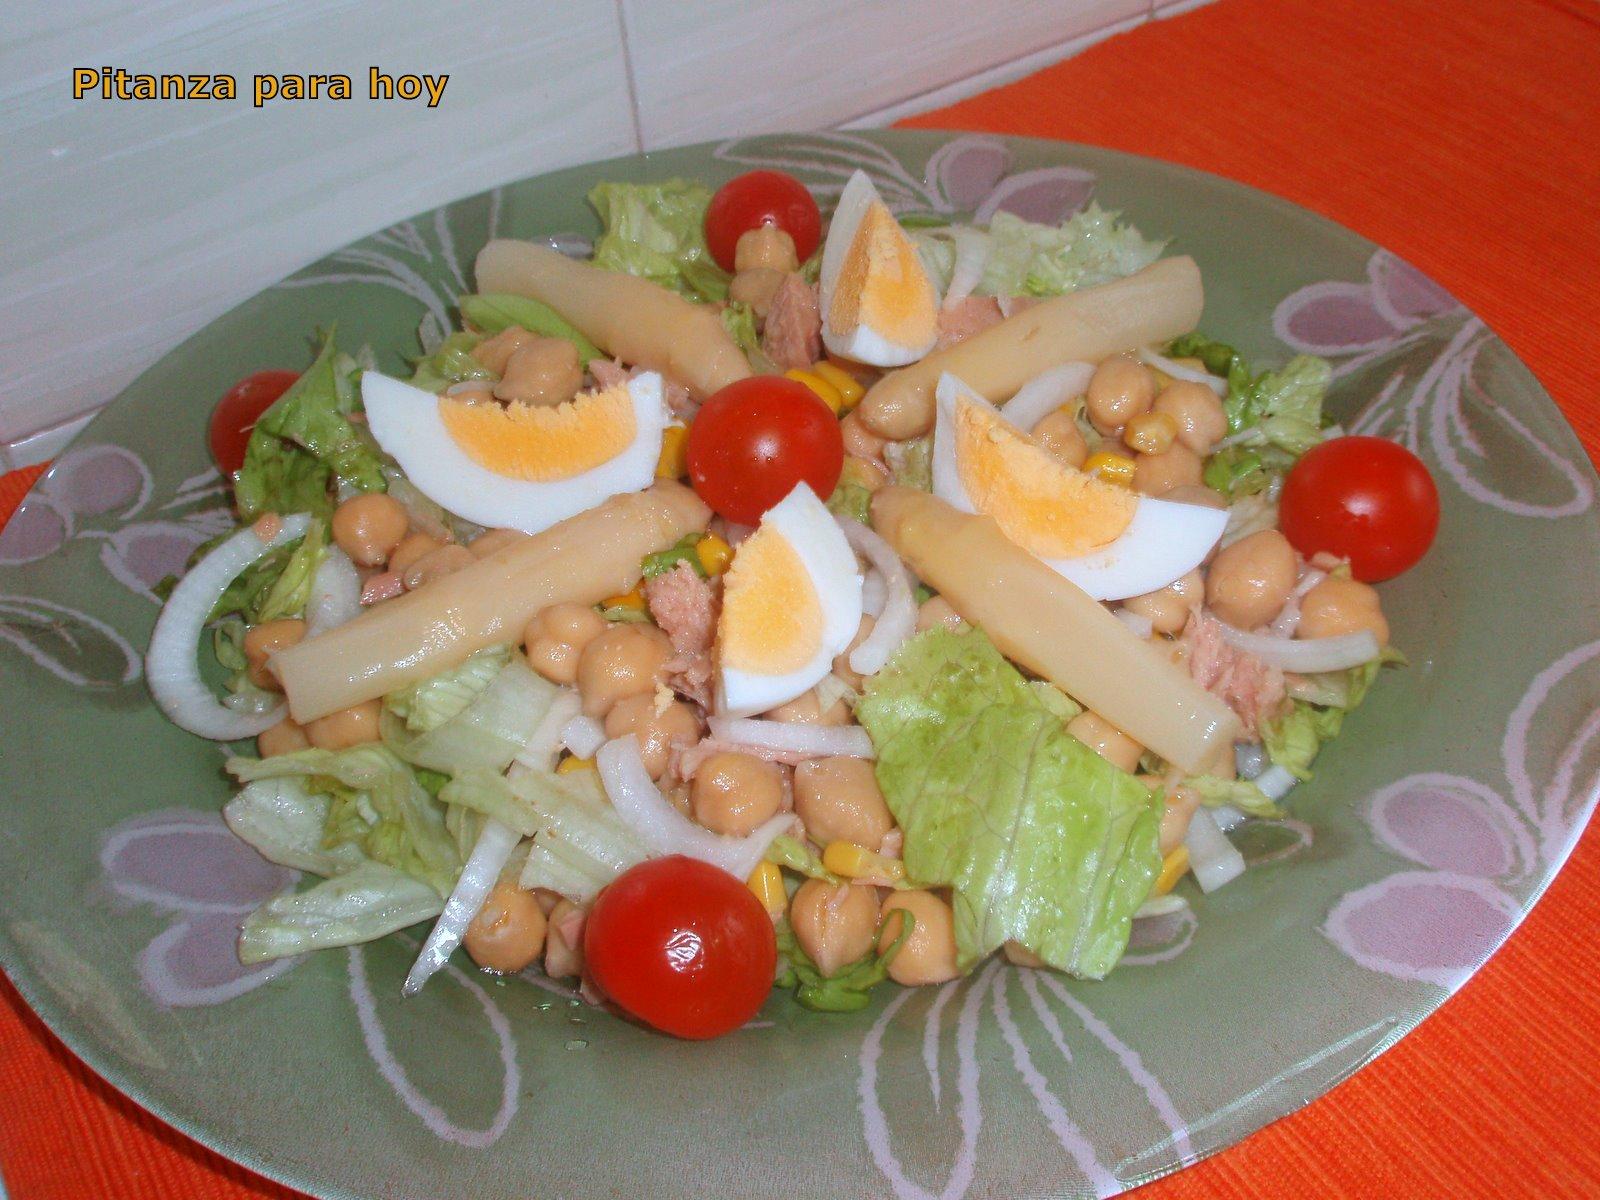 Pitanza para hoy ensalada de garbanzos - Preparacion de garbanzos cocidos ...